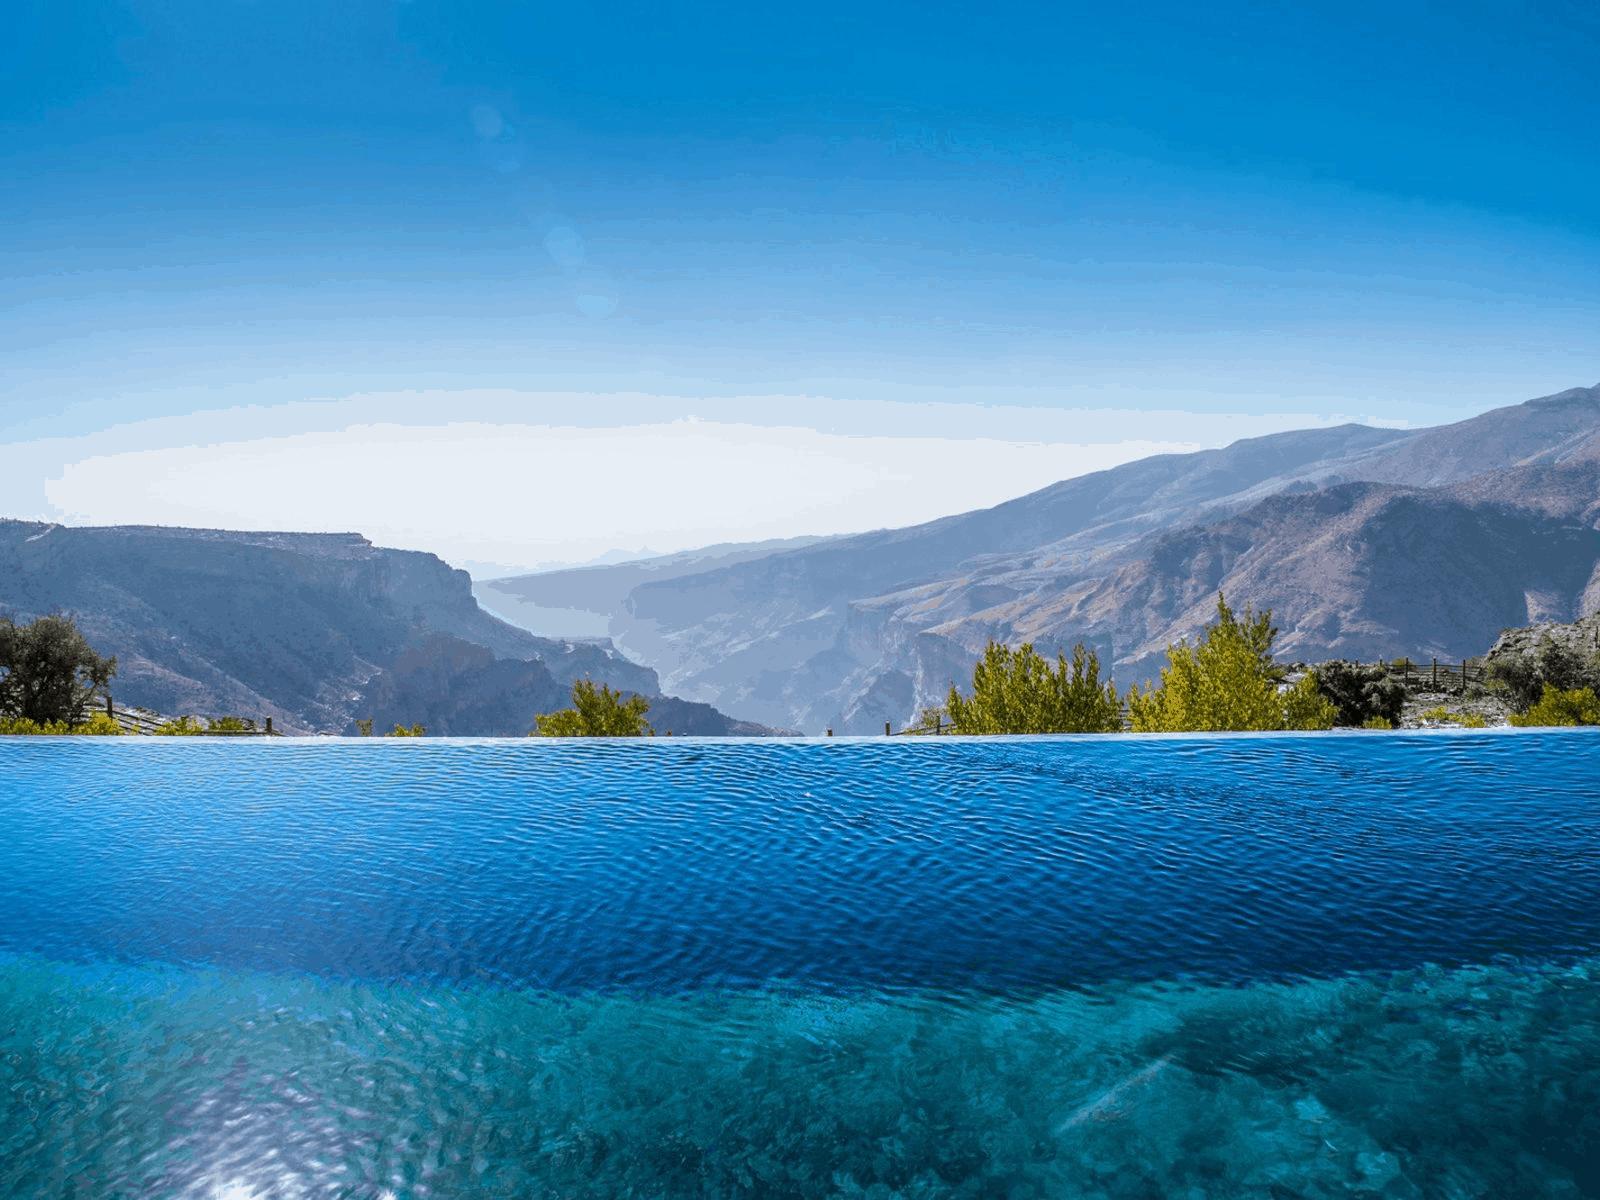 Oman-Alila Jabal Akhdar-10